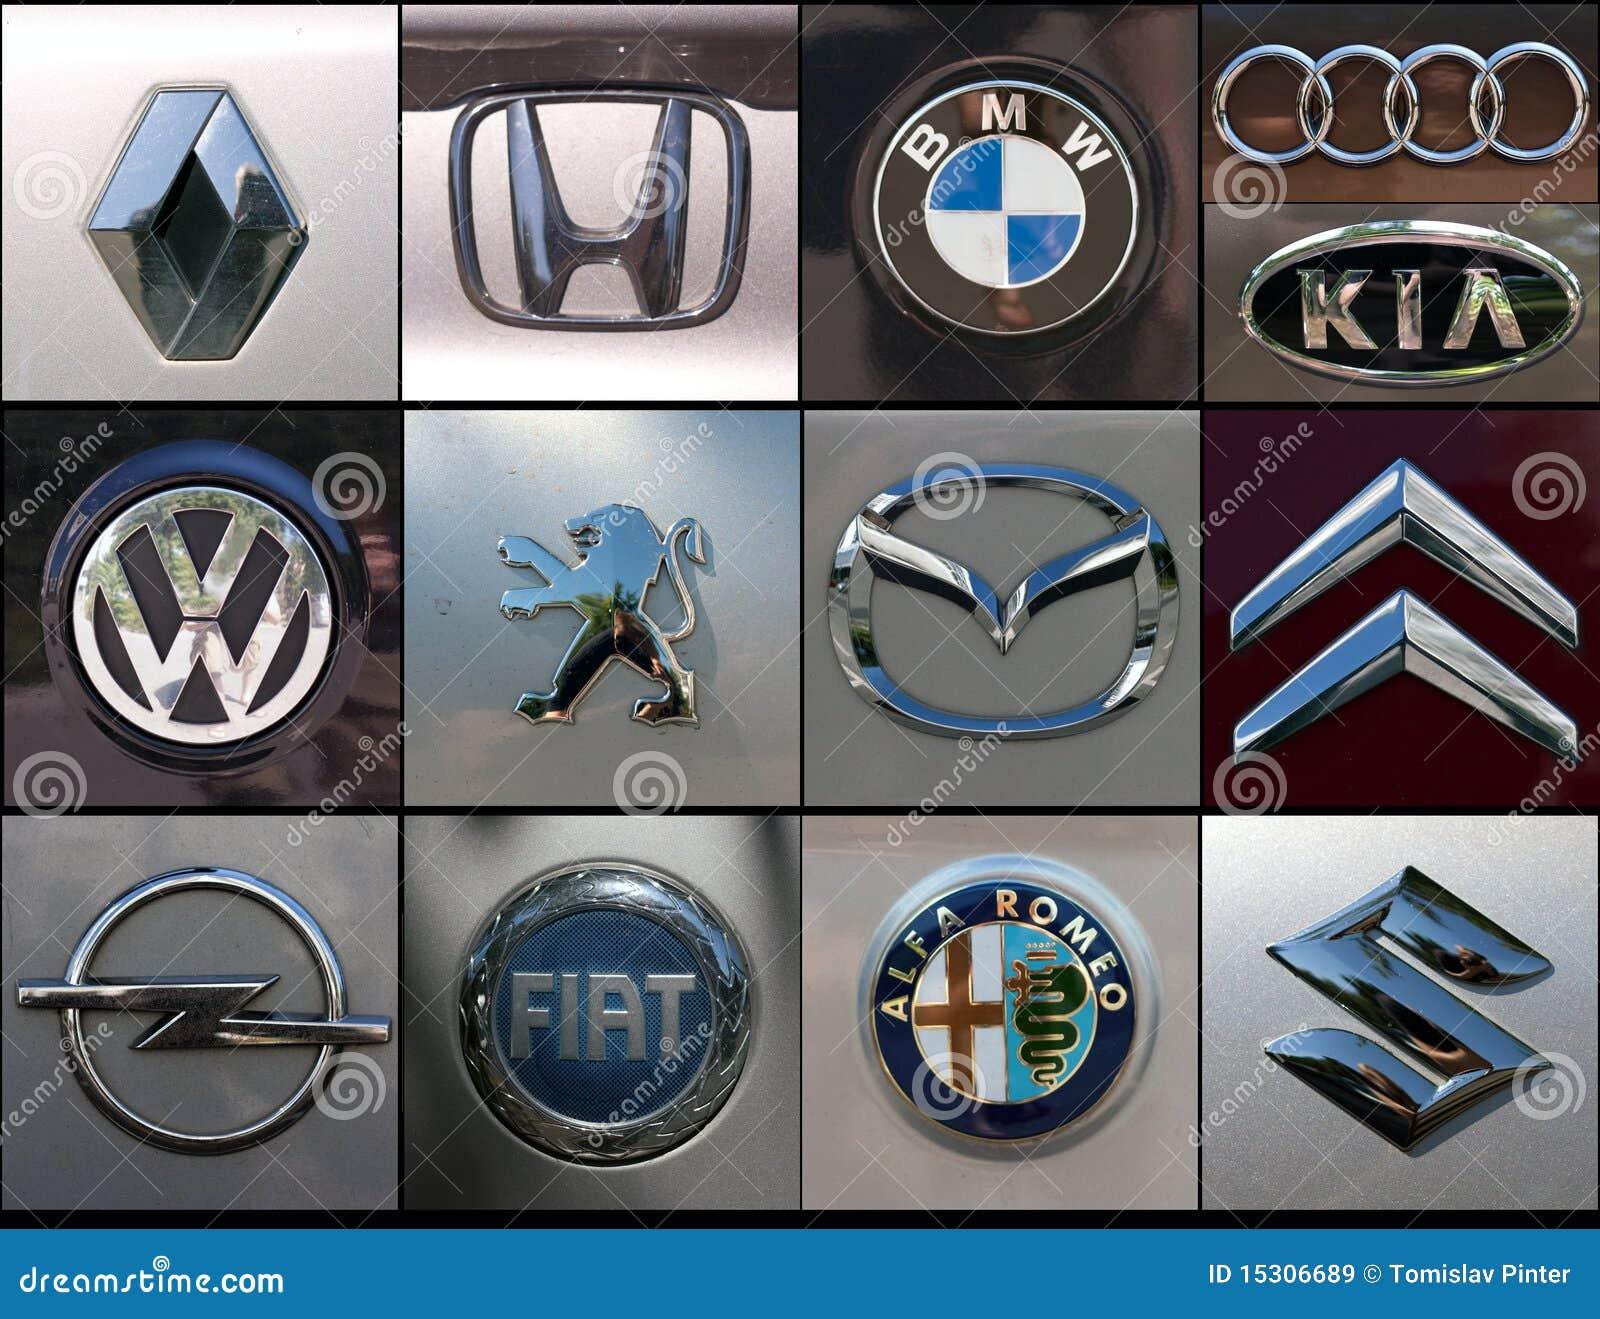 De Merkencollage Van De Auto Redactionele Stock Afbeelding